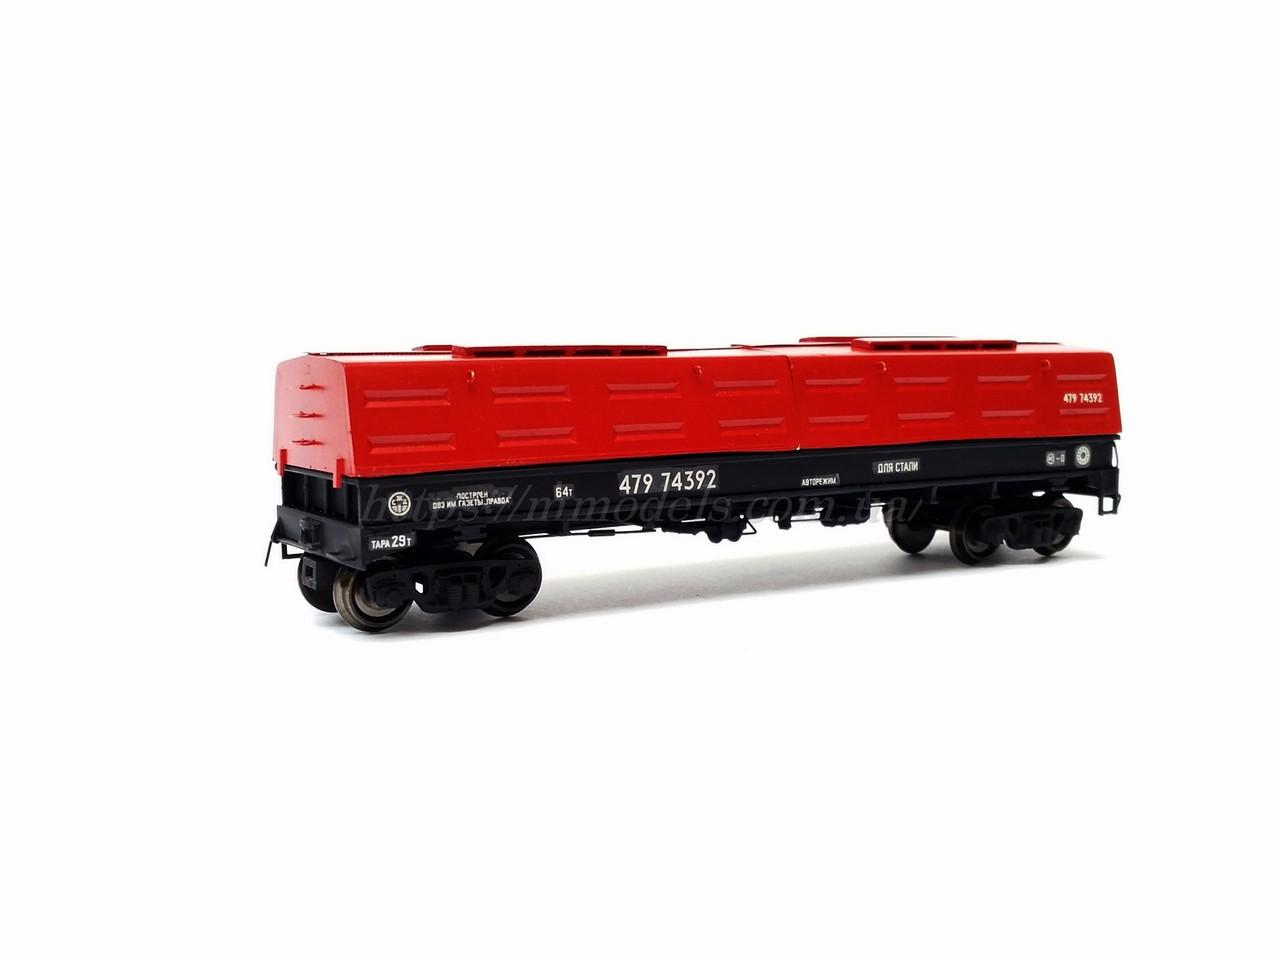 4-осный вагон модели 12-4011 для перевозки холоднокатаной стали, СЖД, H0,1/87